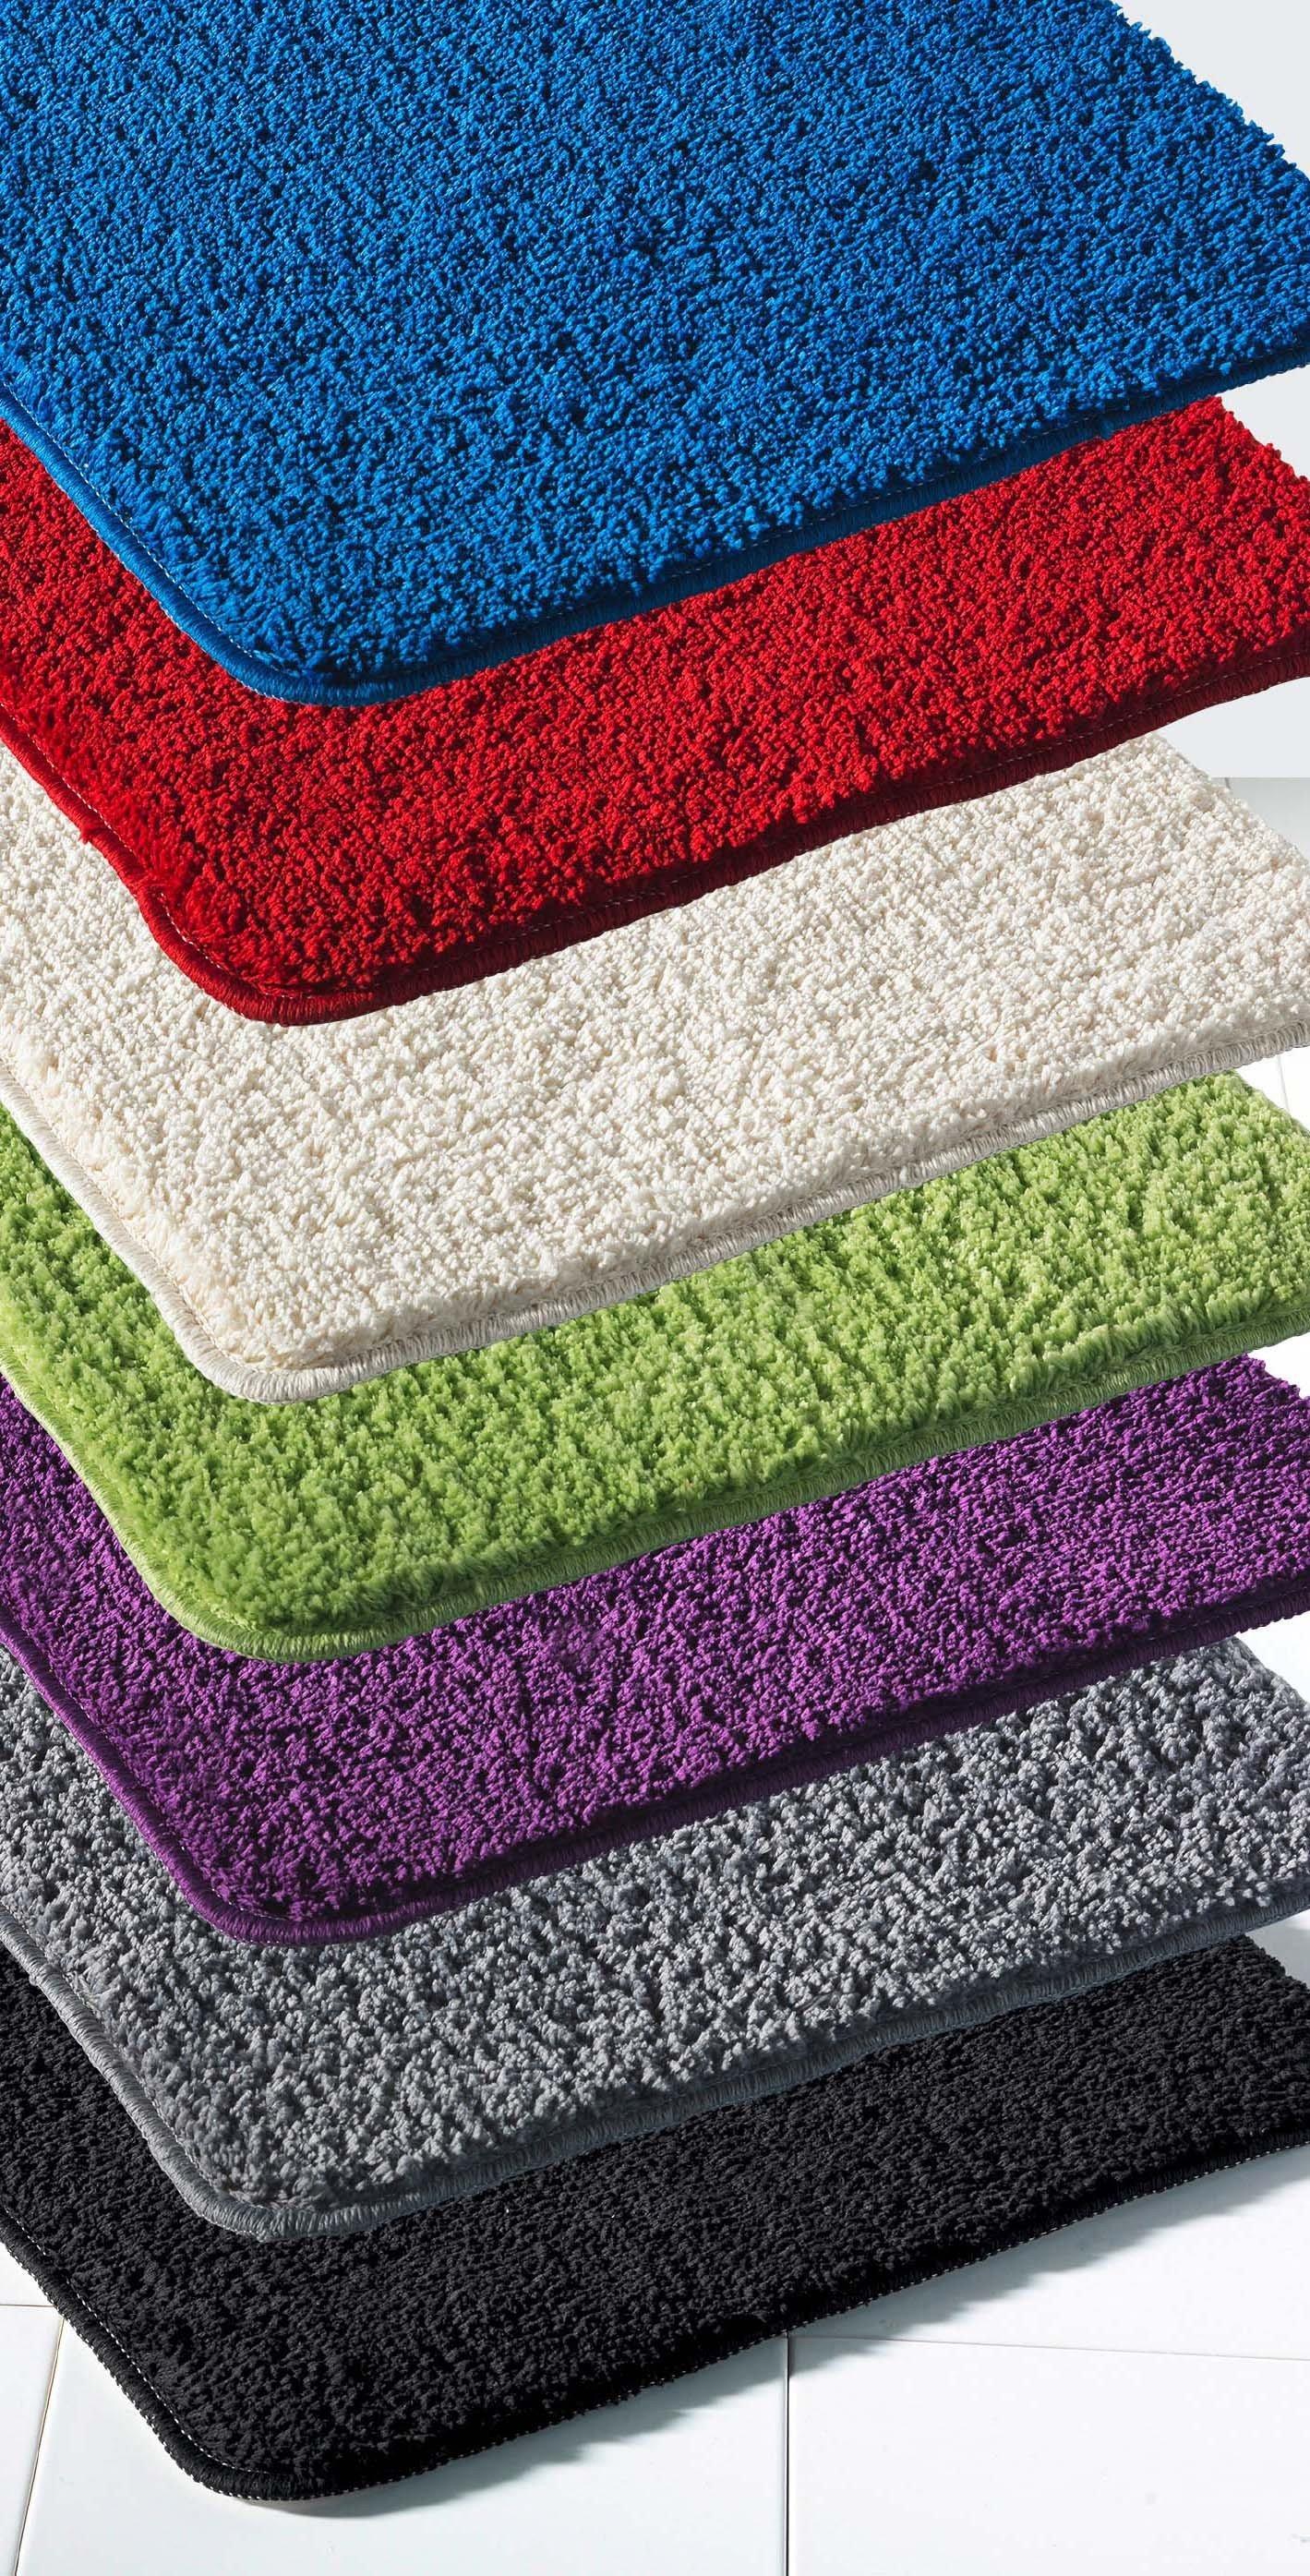 tapis pour bainwc teinte unie - Tapis Habitat